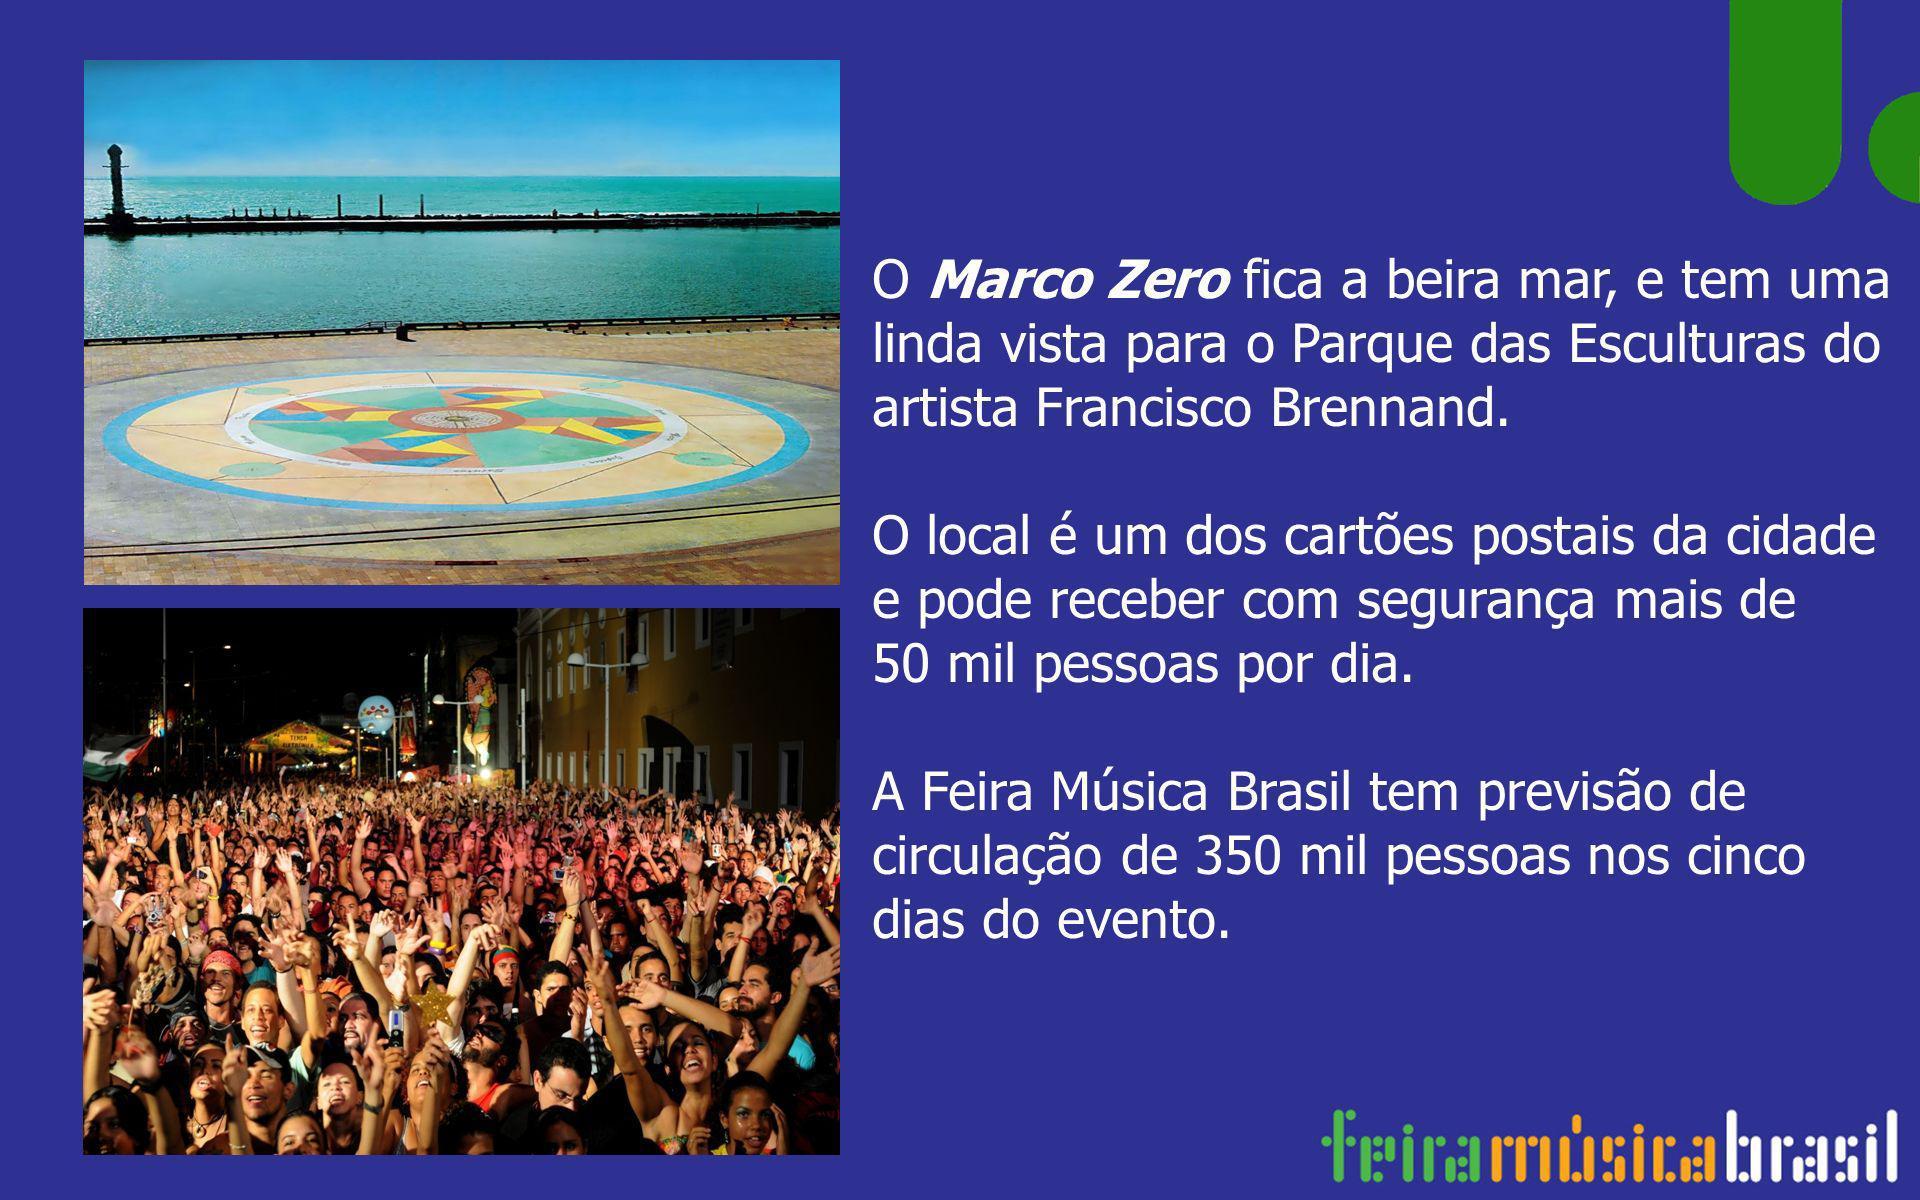 O Marco Zero fica a beira mar, e tem uma linda vista para o Parque das Esculturas do artista Francisco Brennand. O local é um dos cartões postais da c